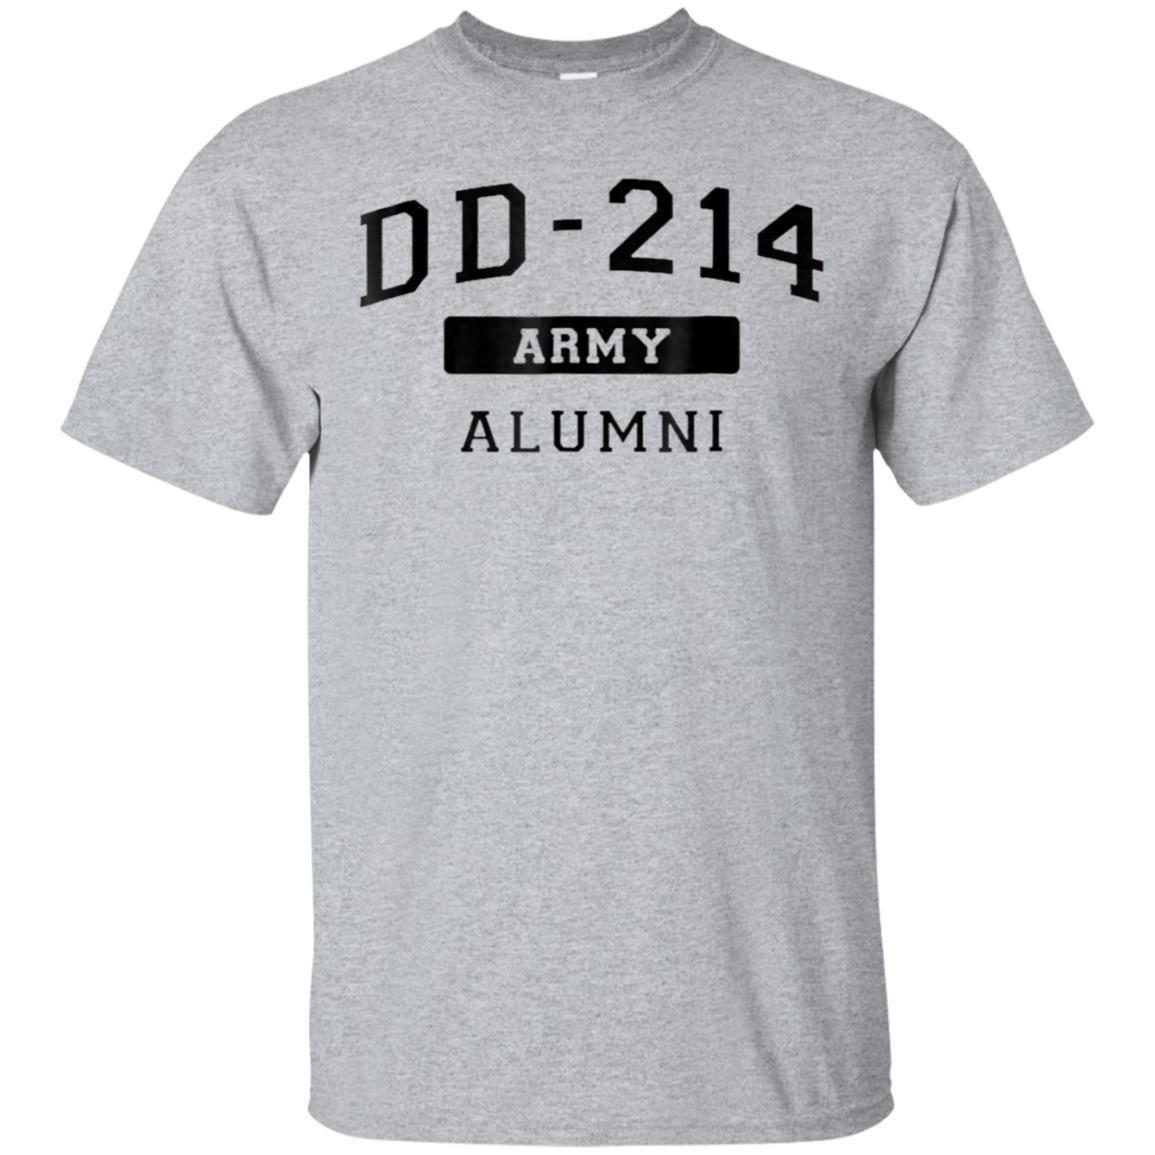 Awesome dd214 alumni army t shirt dd 214 veteran shirt